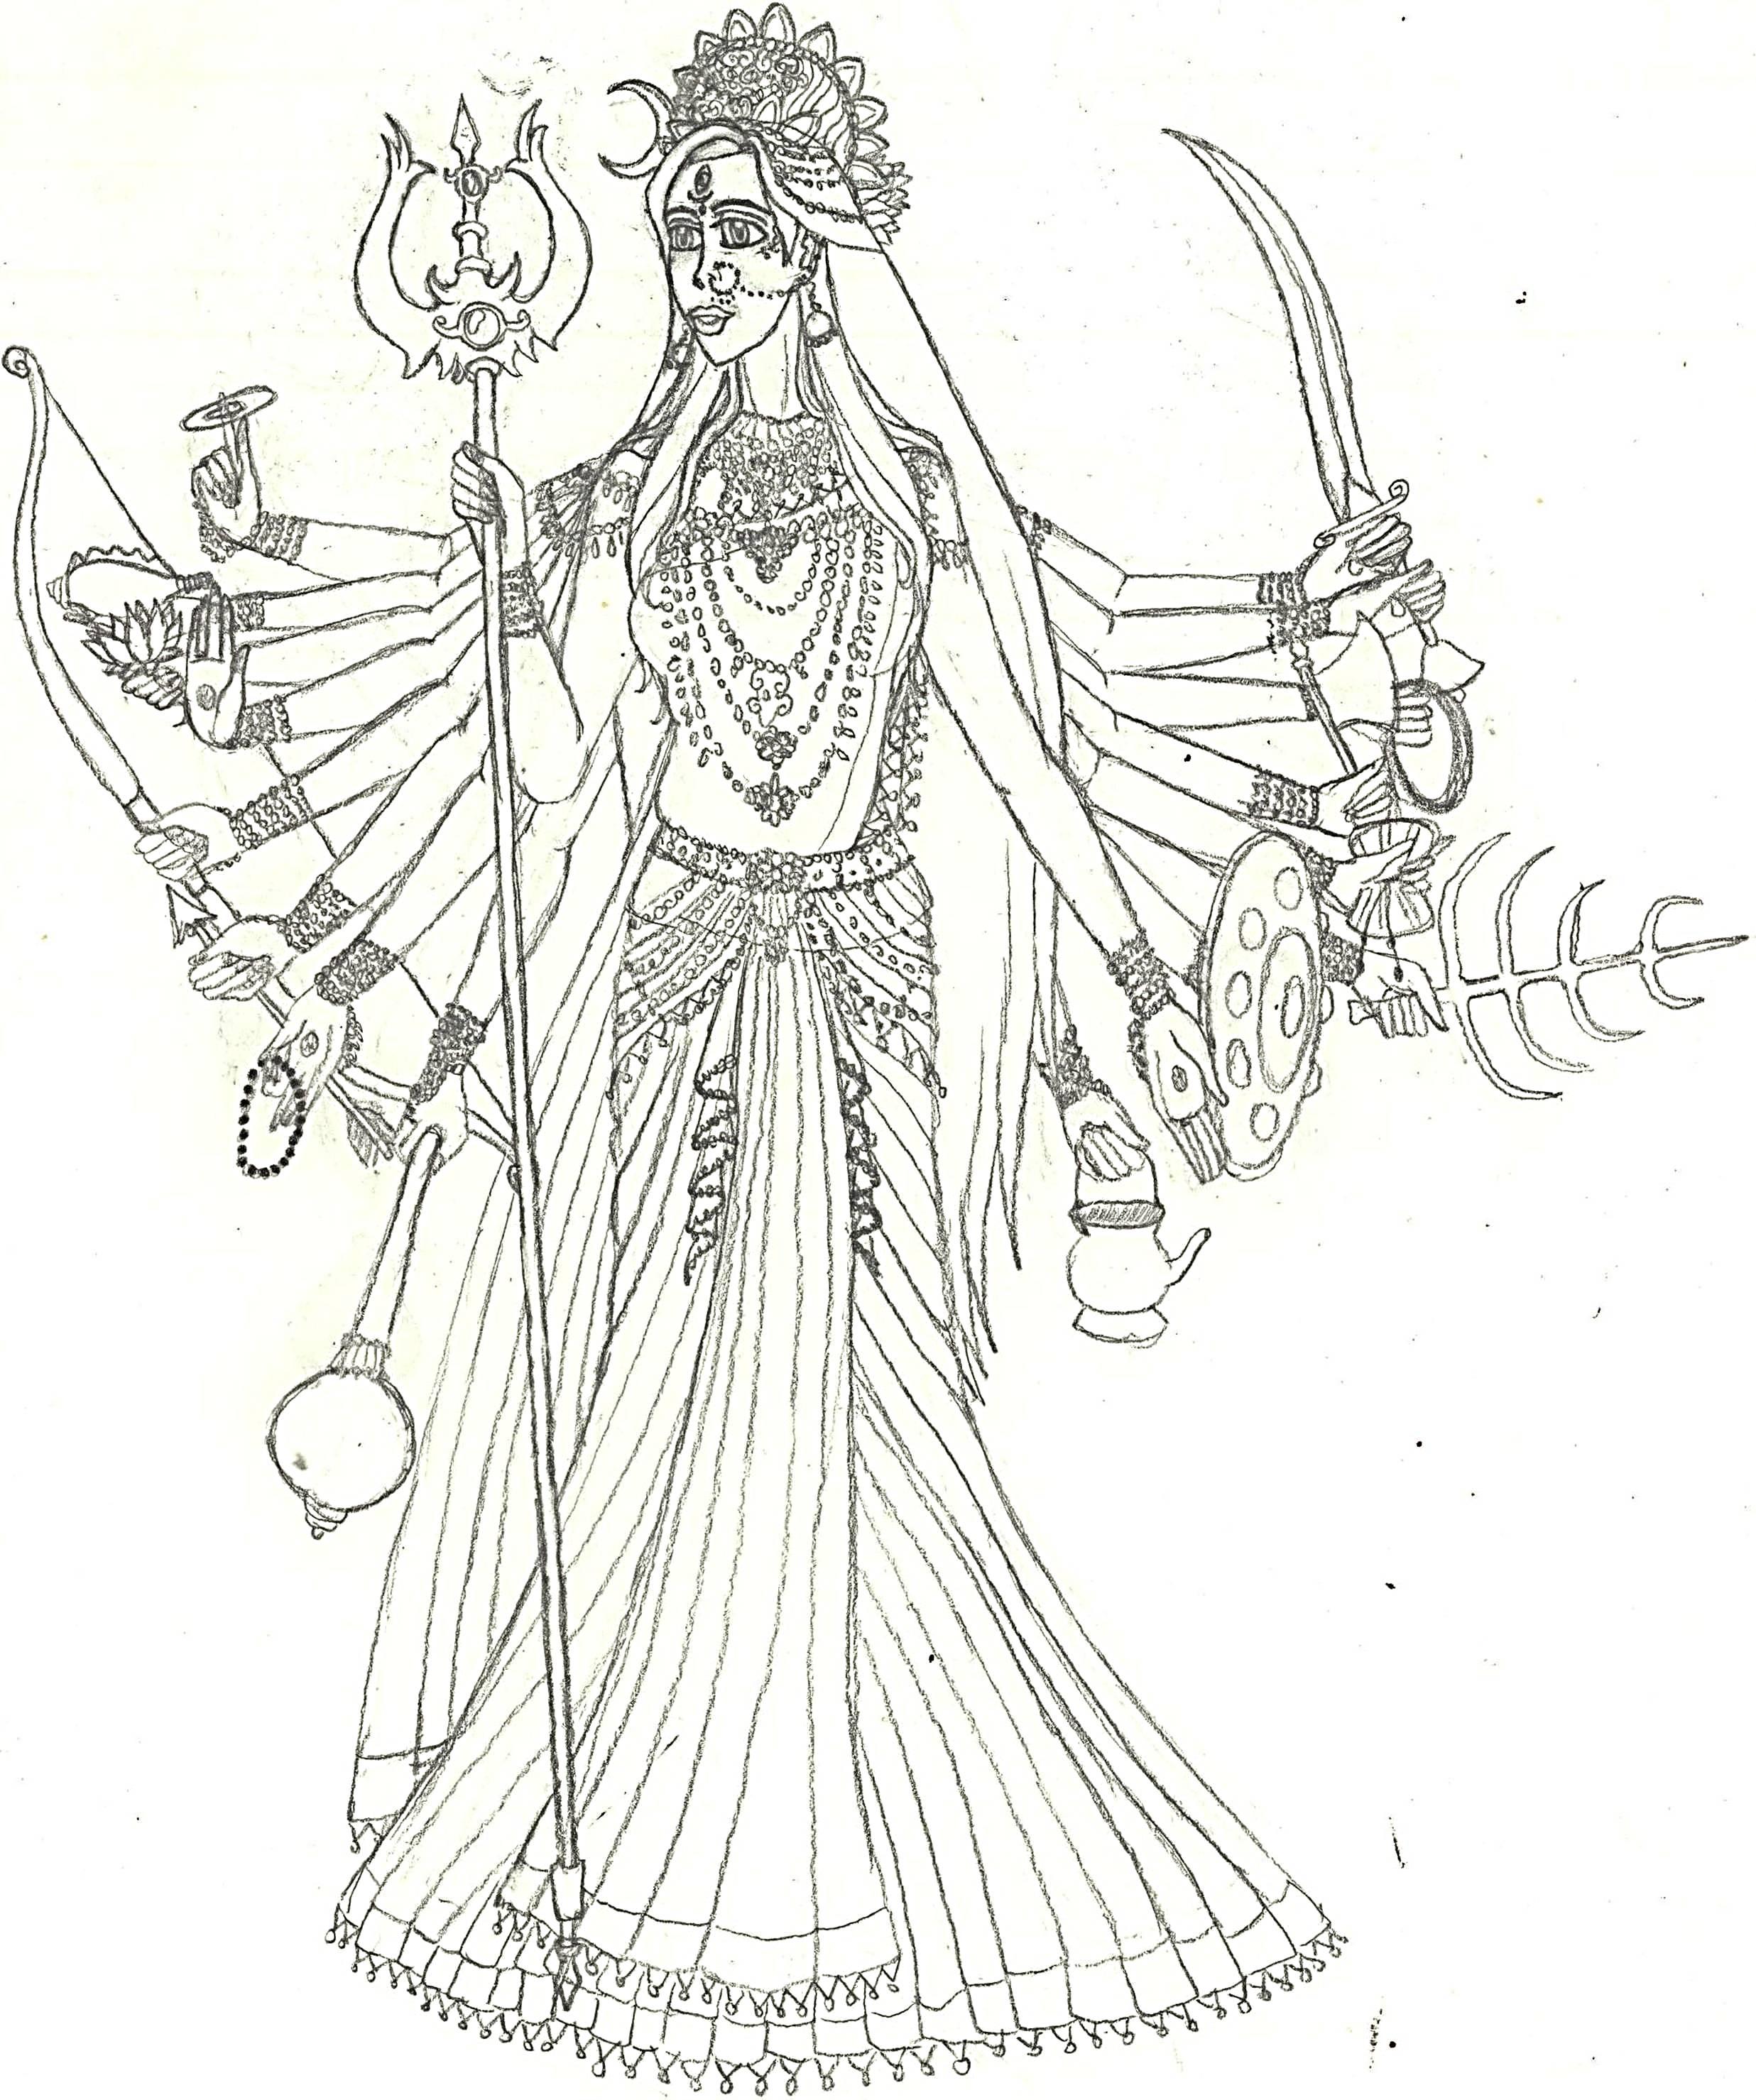 Durga (Mahishasura-Mardini) By R3m1stikn On DeviantArt